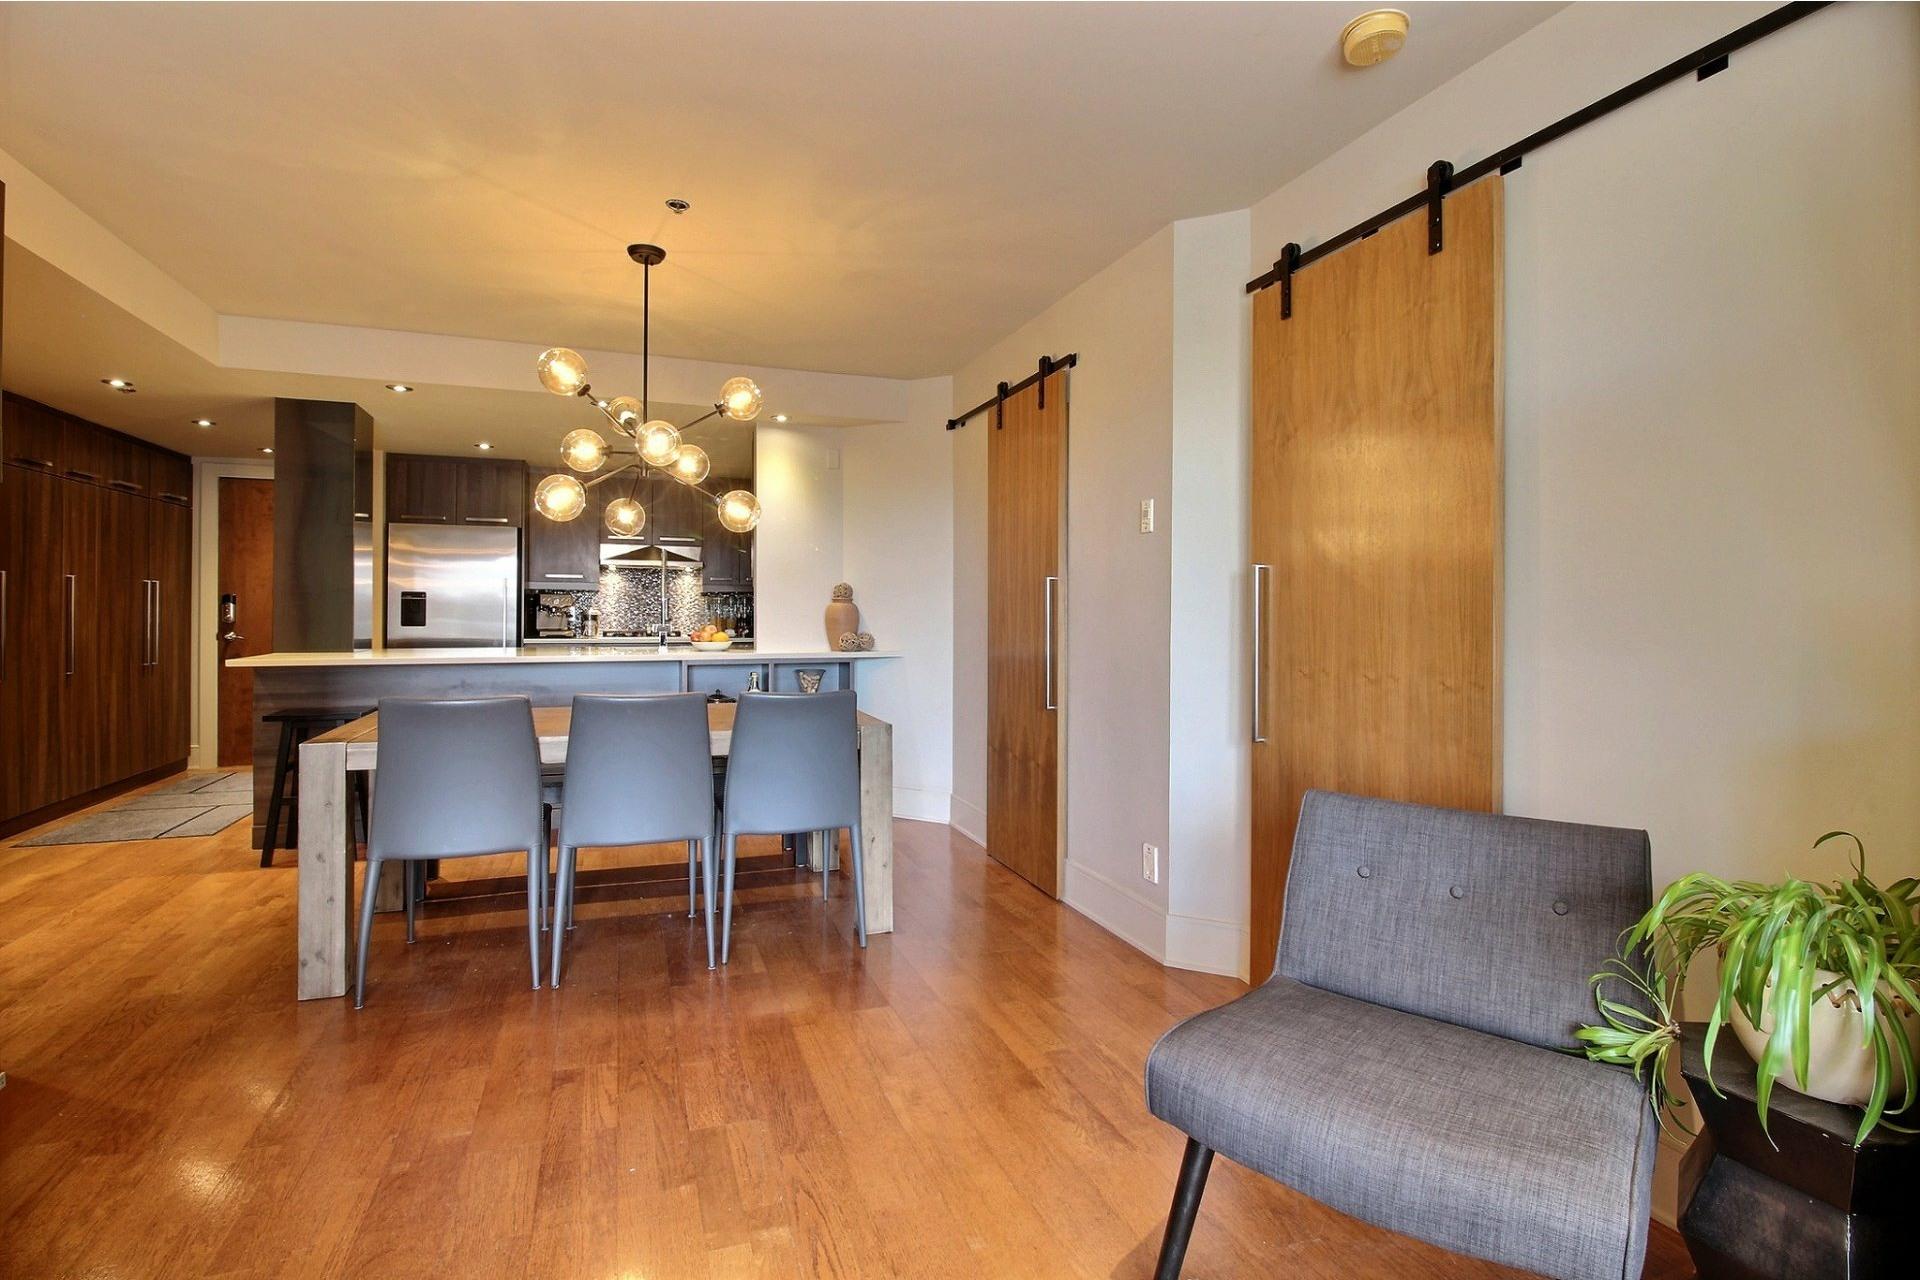 image 4 - Appartement À louer Ville-Marie Montréal  - 6 pièces